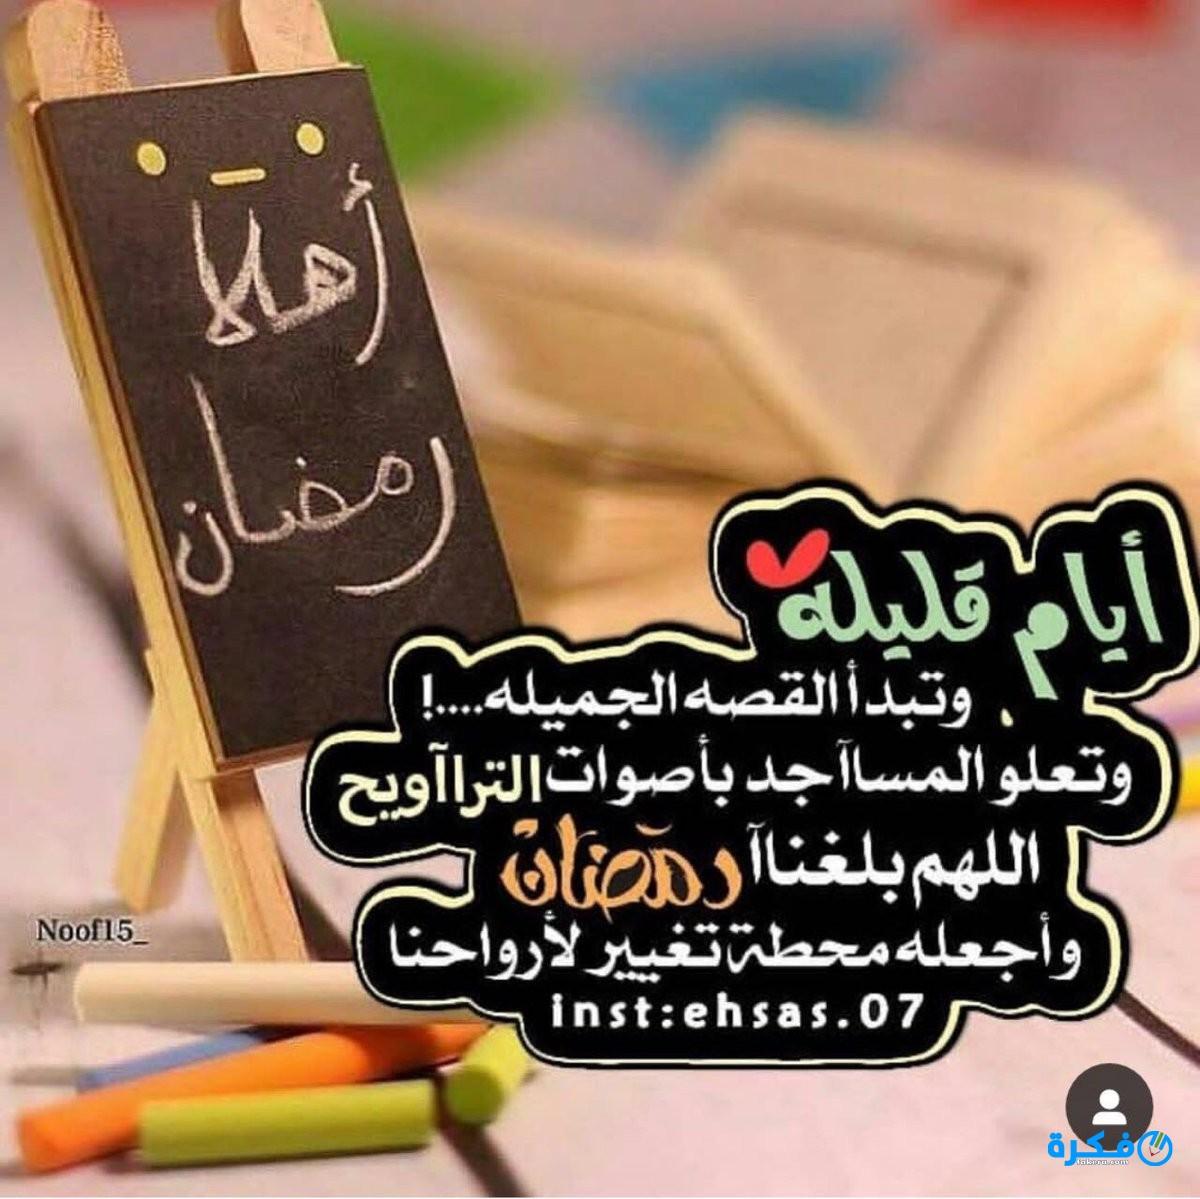 صور اهلا رمضان 2019 D4Rnu5yW0AEvN4Y.jpg